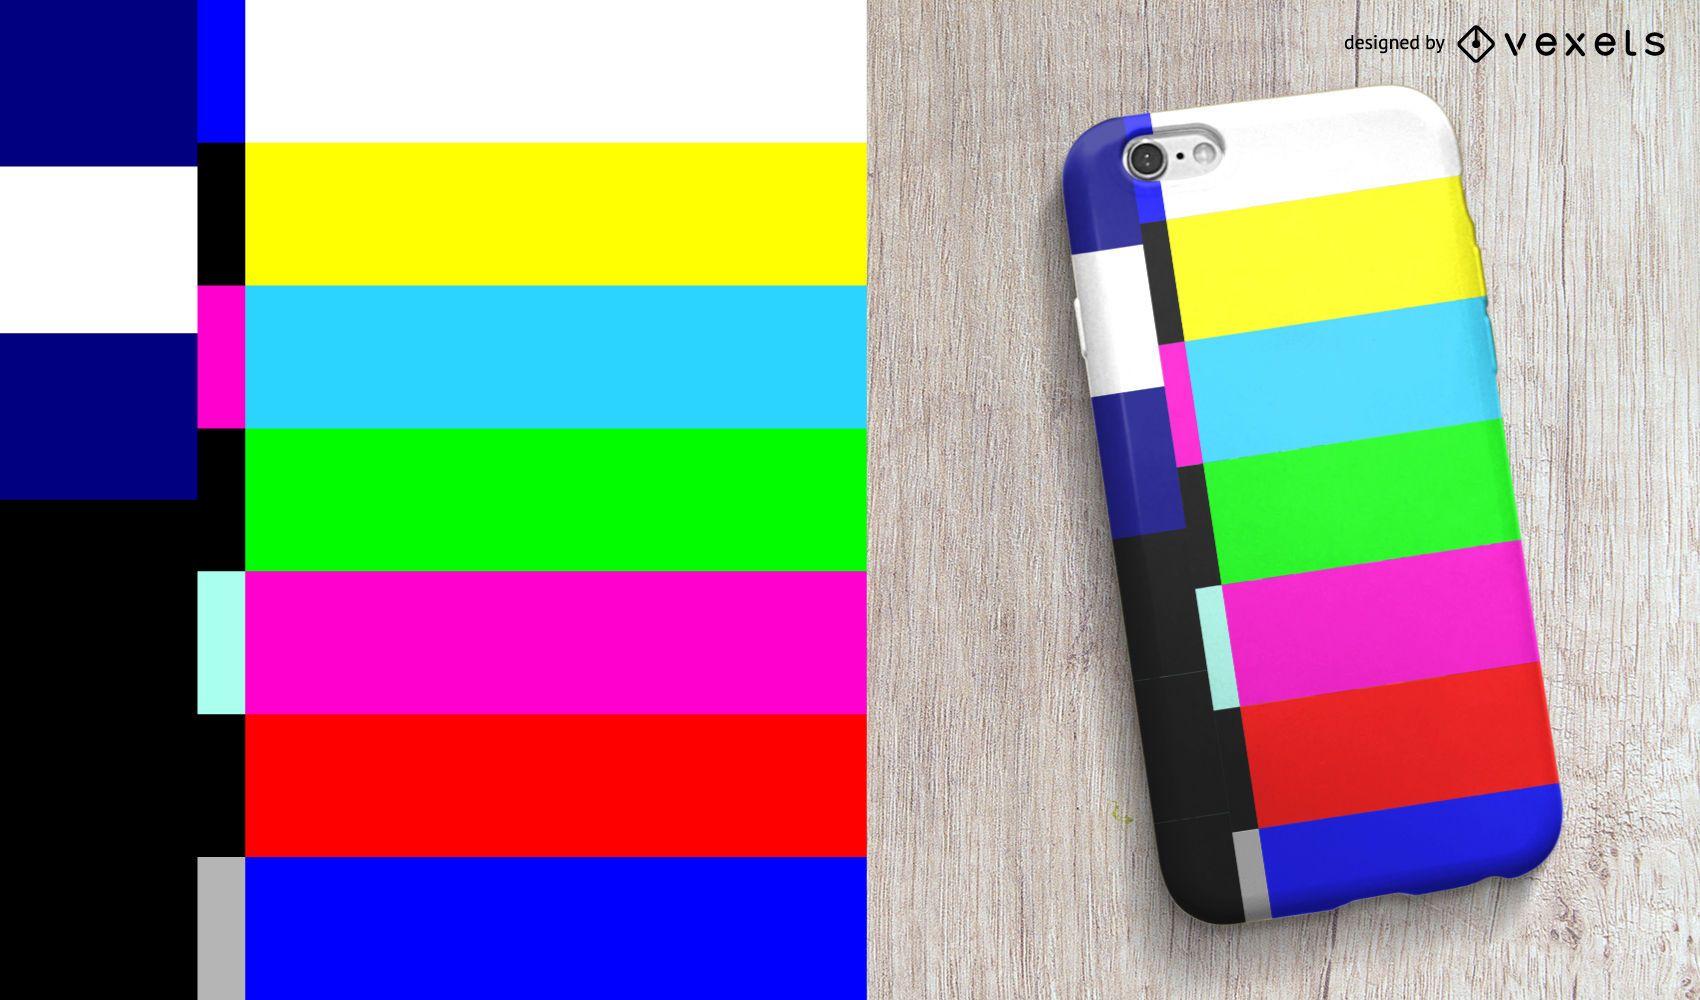 Diseño de la carcasa del teléfono del extremo del programa